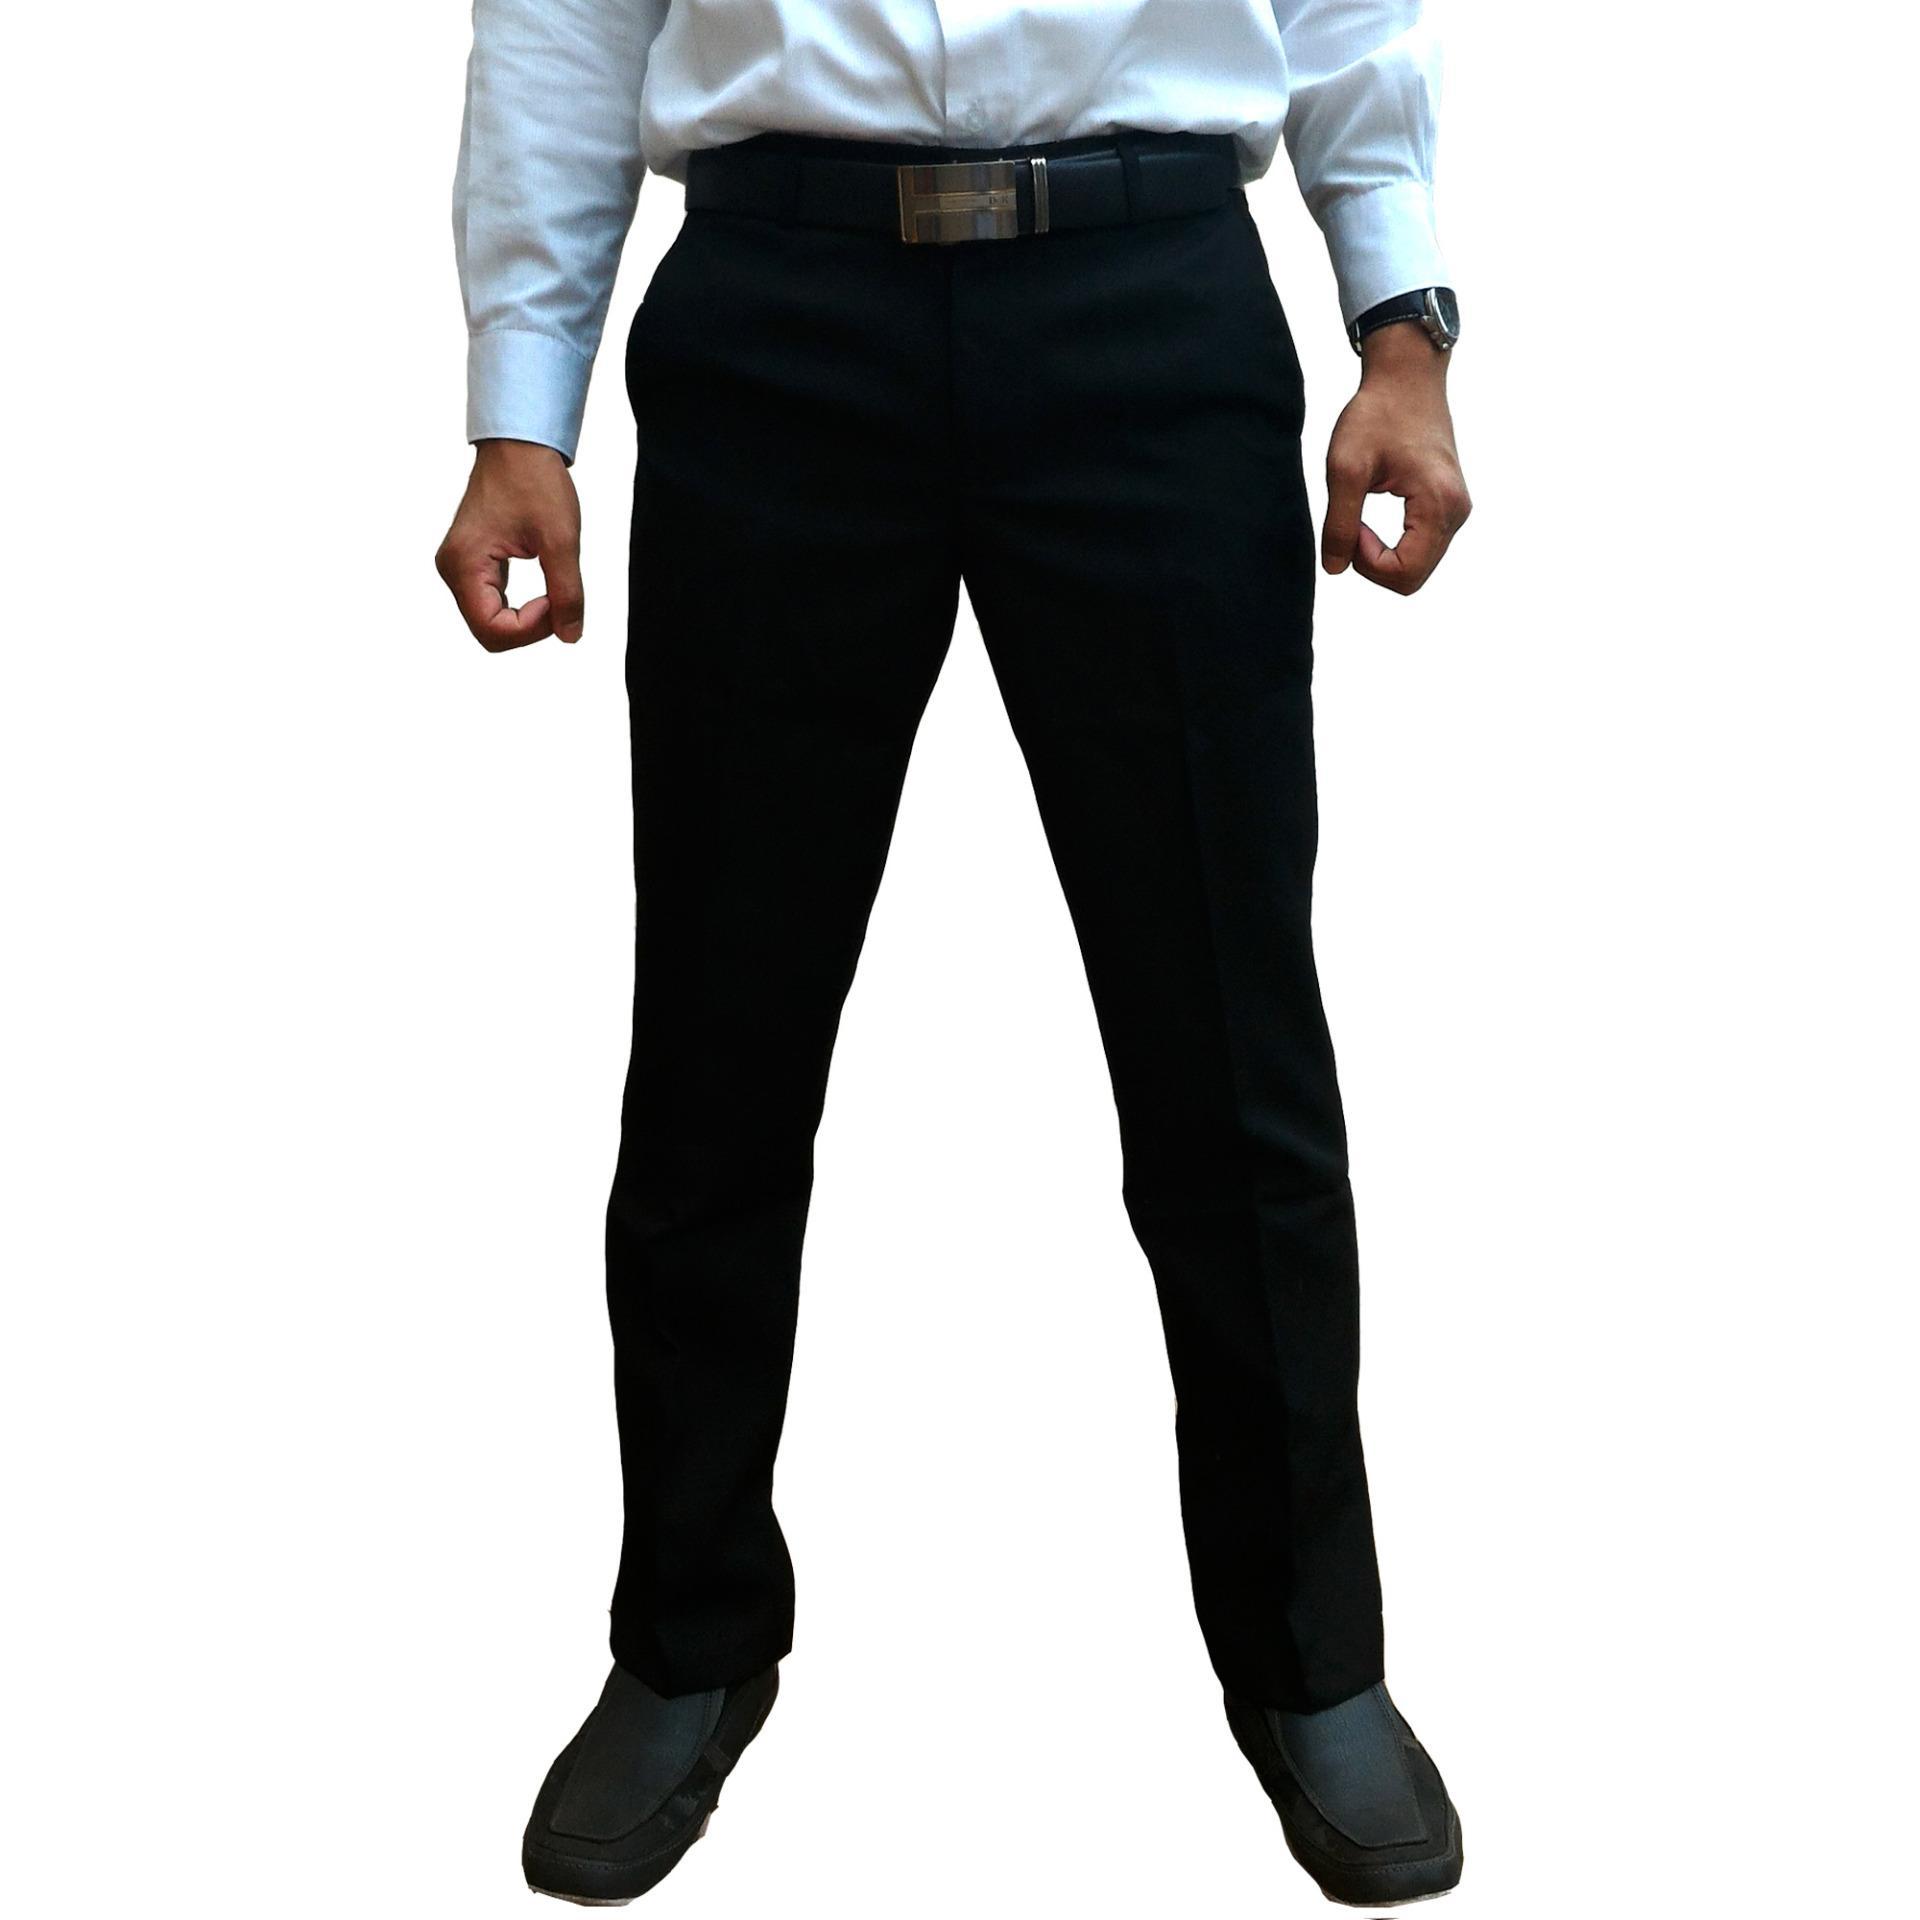 Dapatkan Segera Bunda Wulan Celana Bahan Kerja Pria Slim Fit Hitam